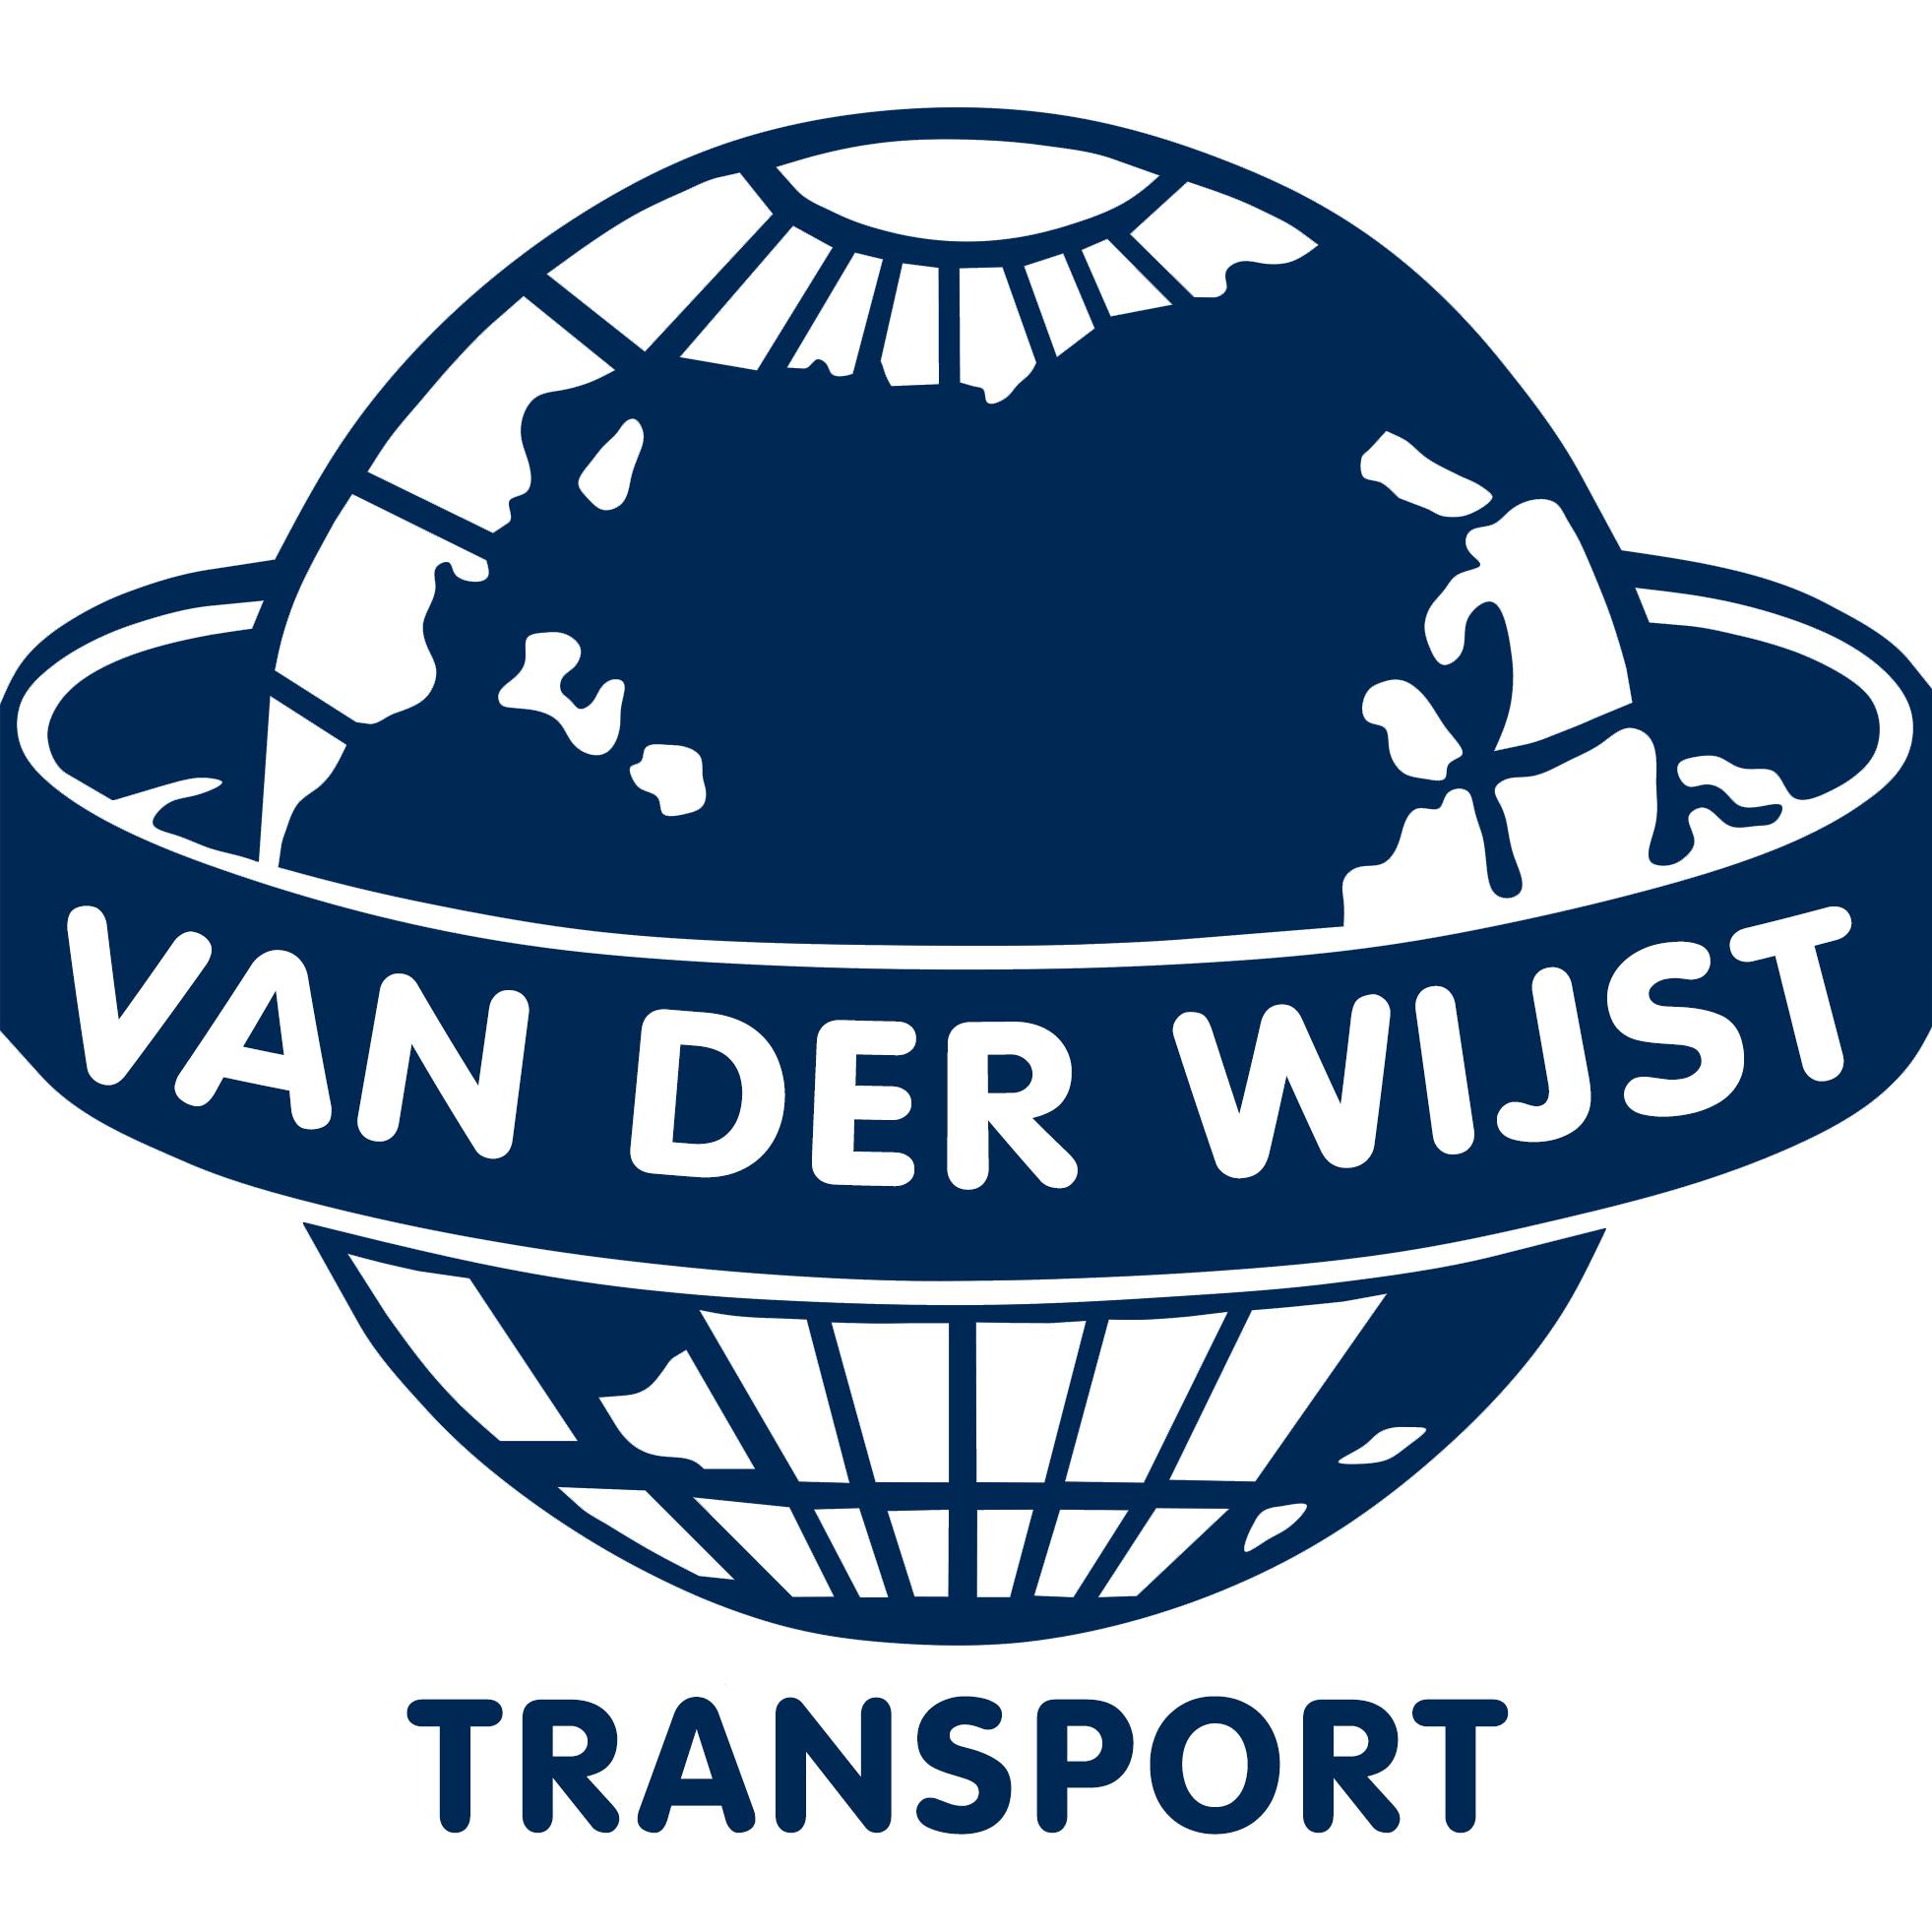 Van der Wijst Transport